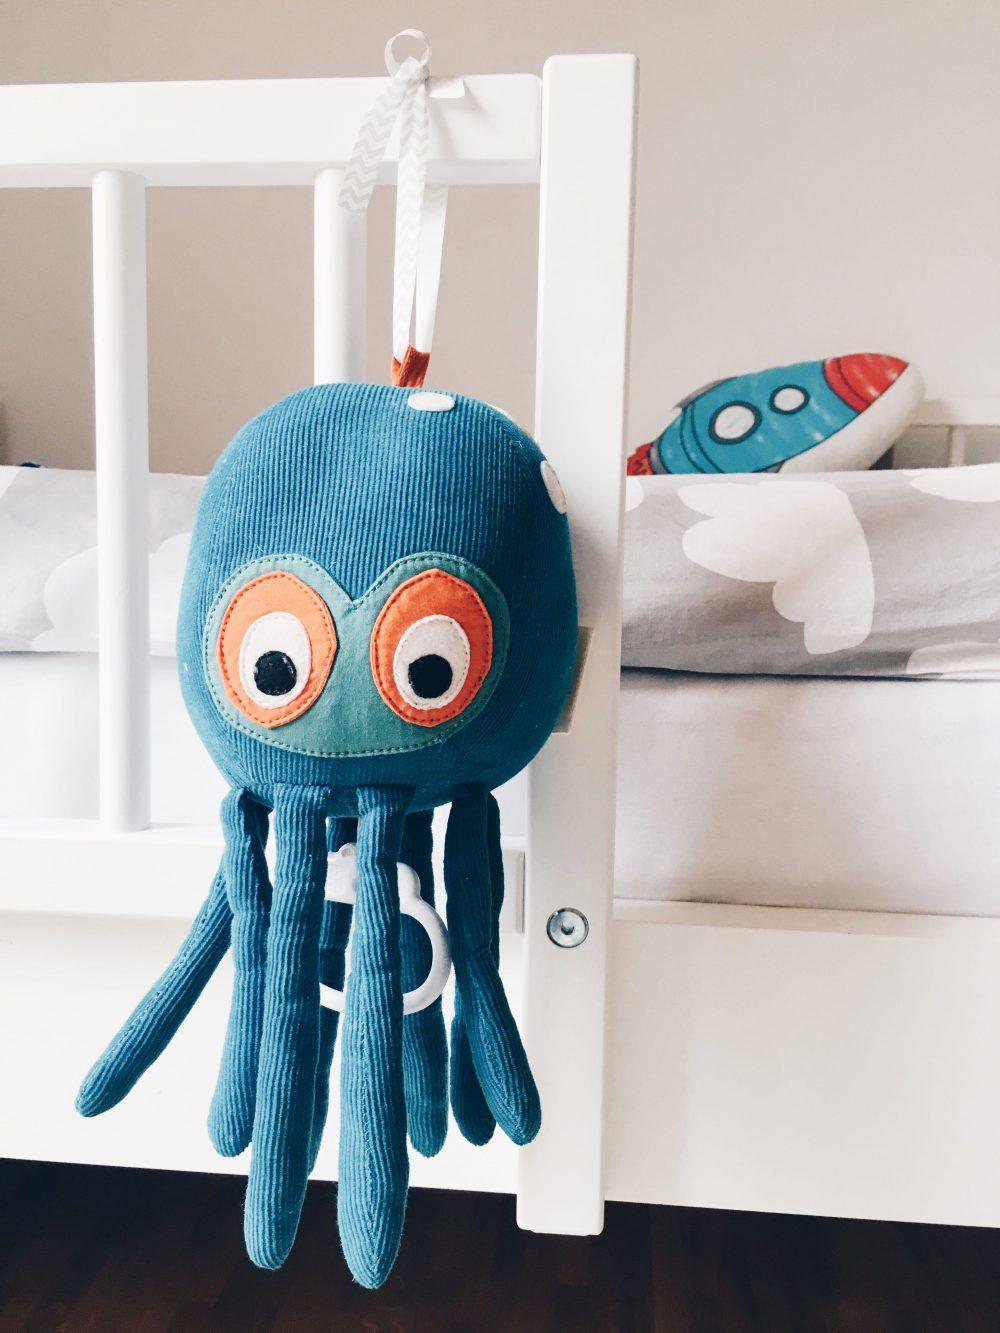 fourhangauf-kinderzimmereinrichtung-oktopus